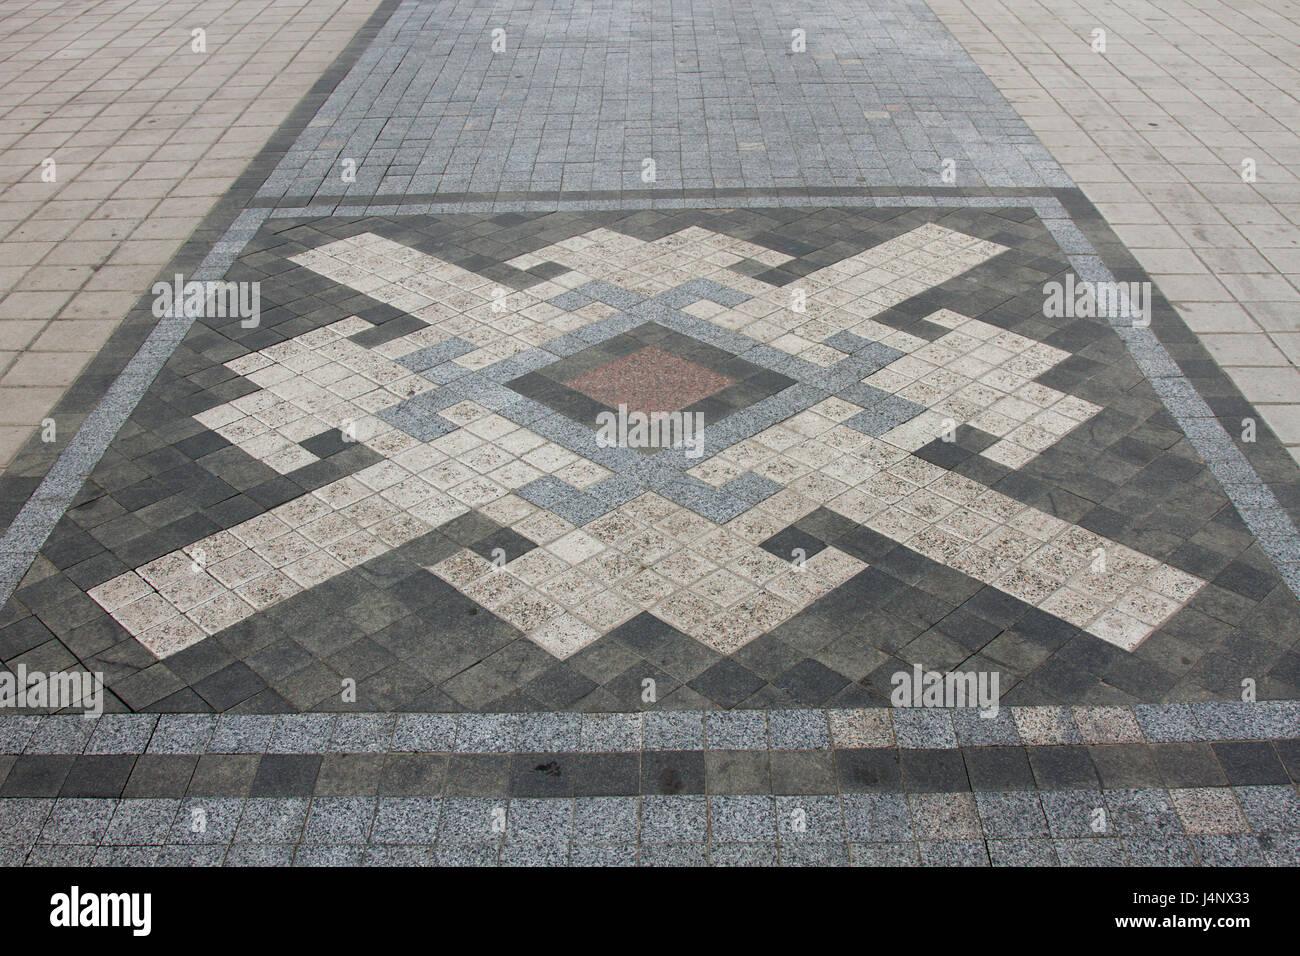 Piastrelle bianche e nere e il marciapiede mosaico di piastrelle